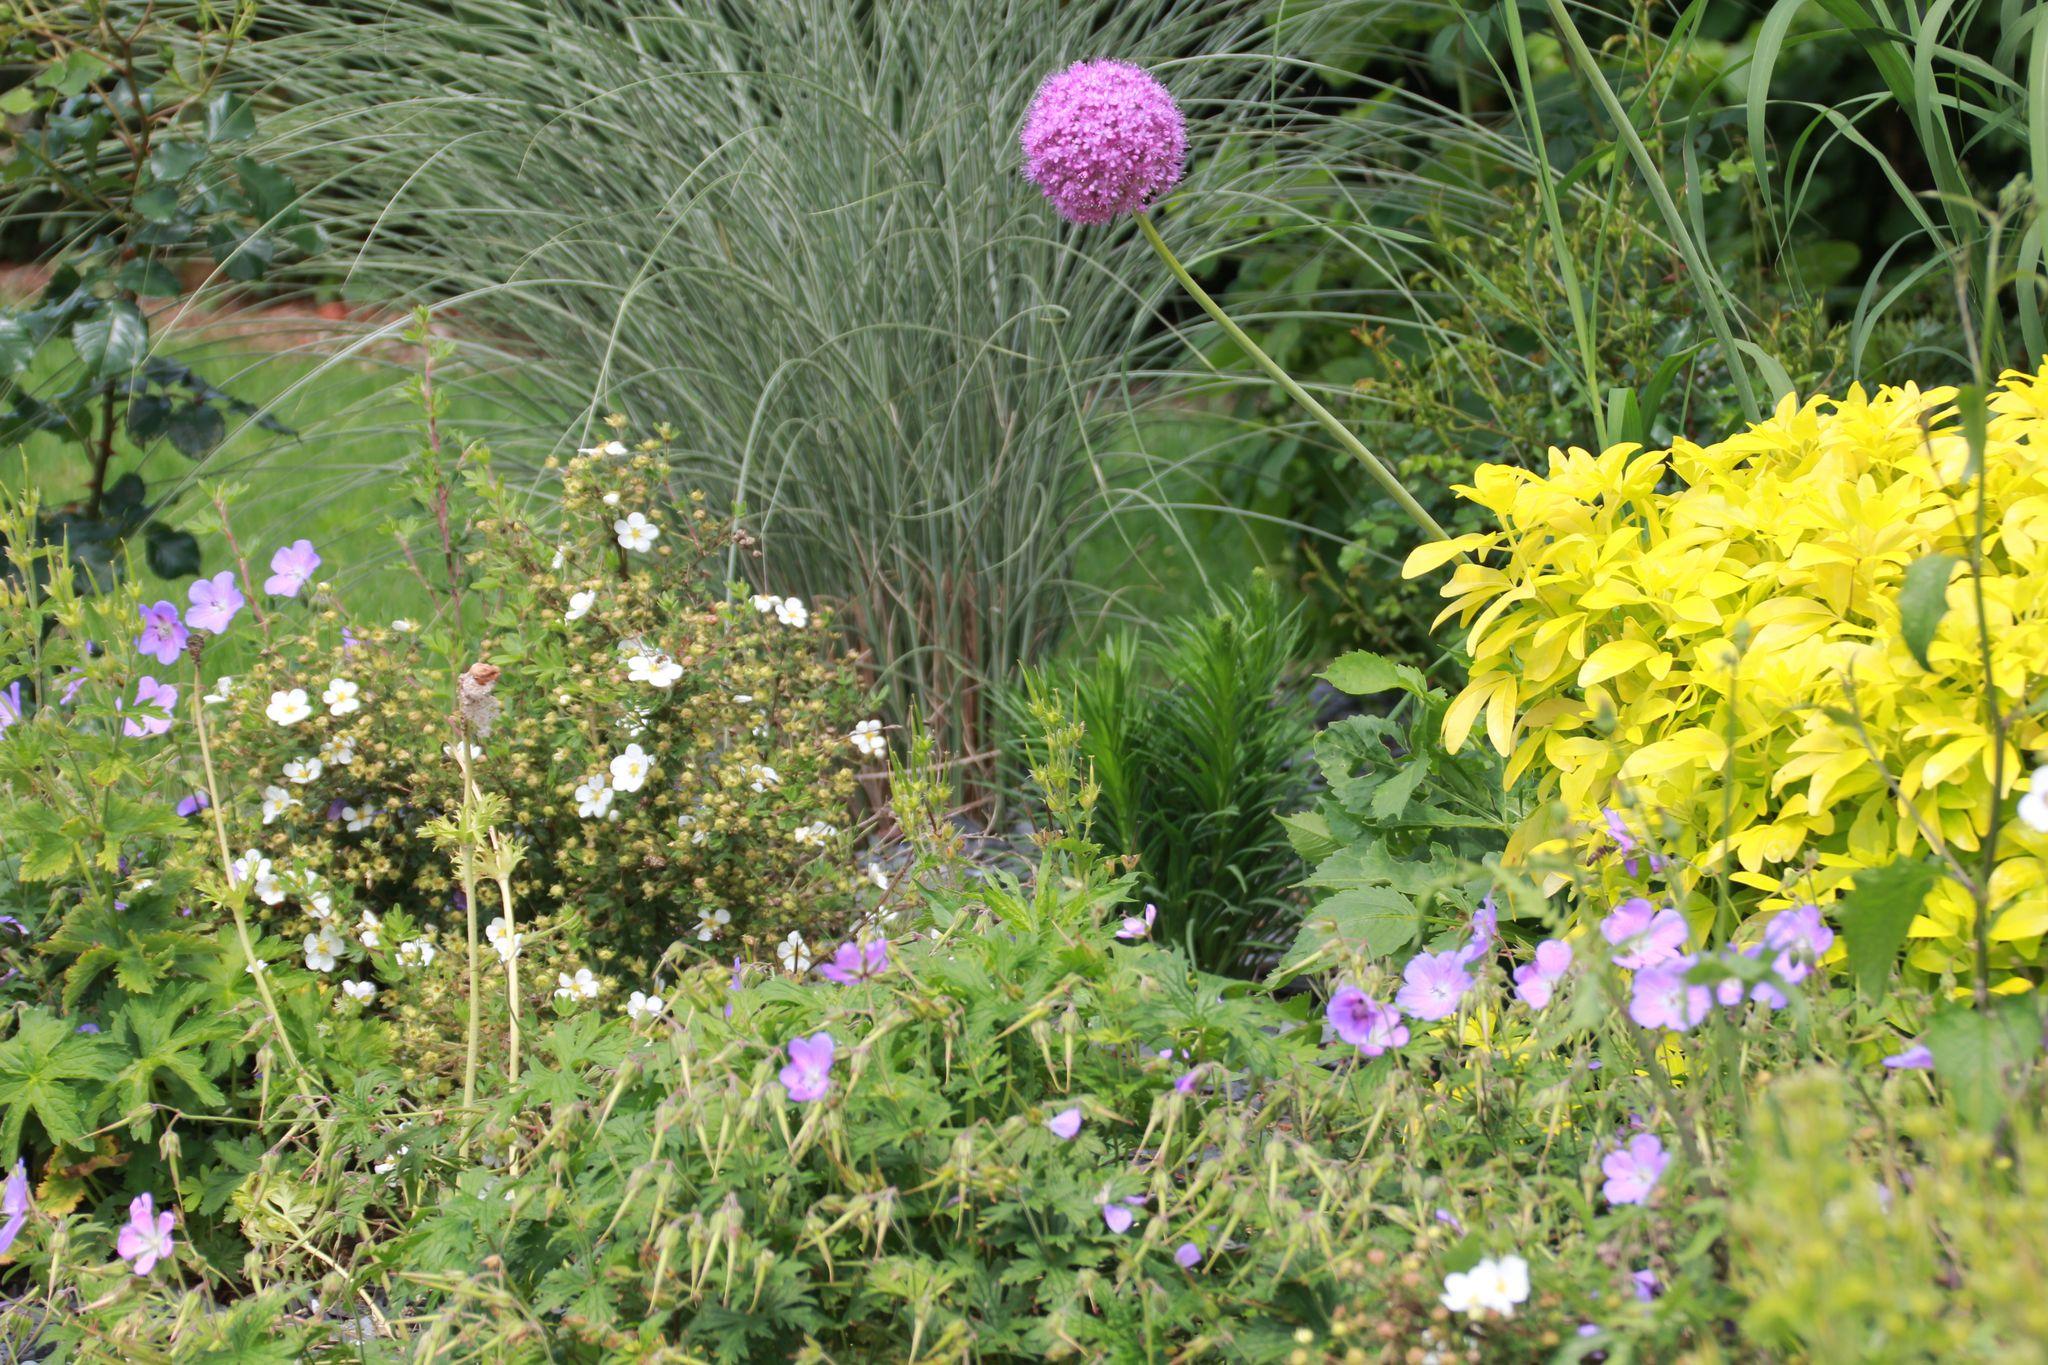 maillard paysage engazonnement gazon plaquage jardin extérieur la houssoye